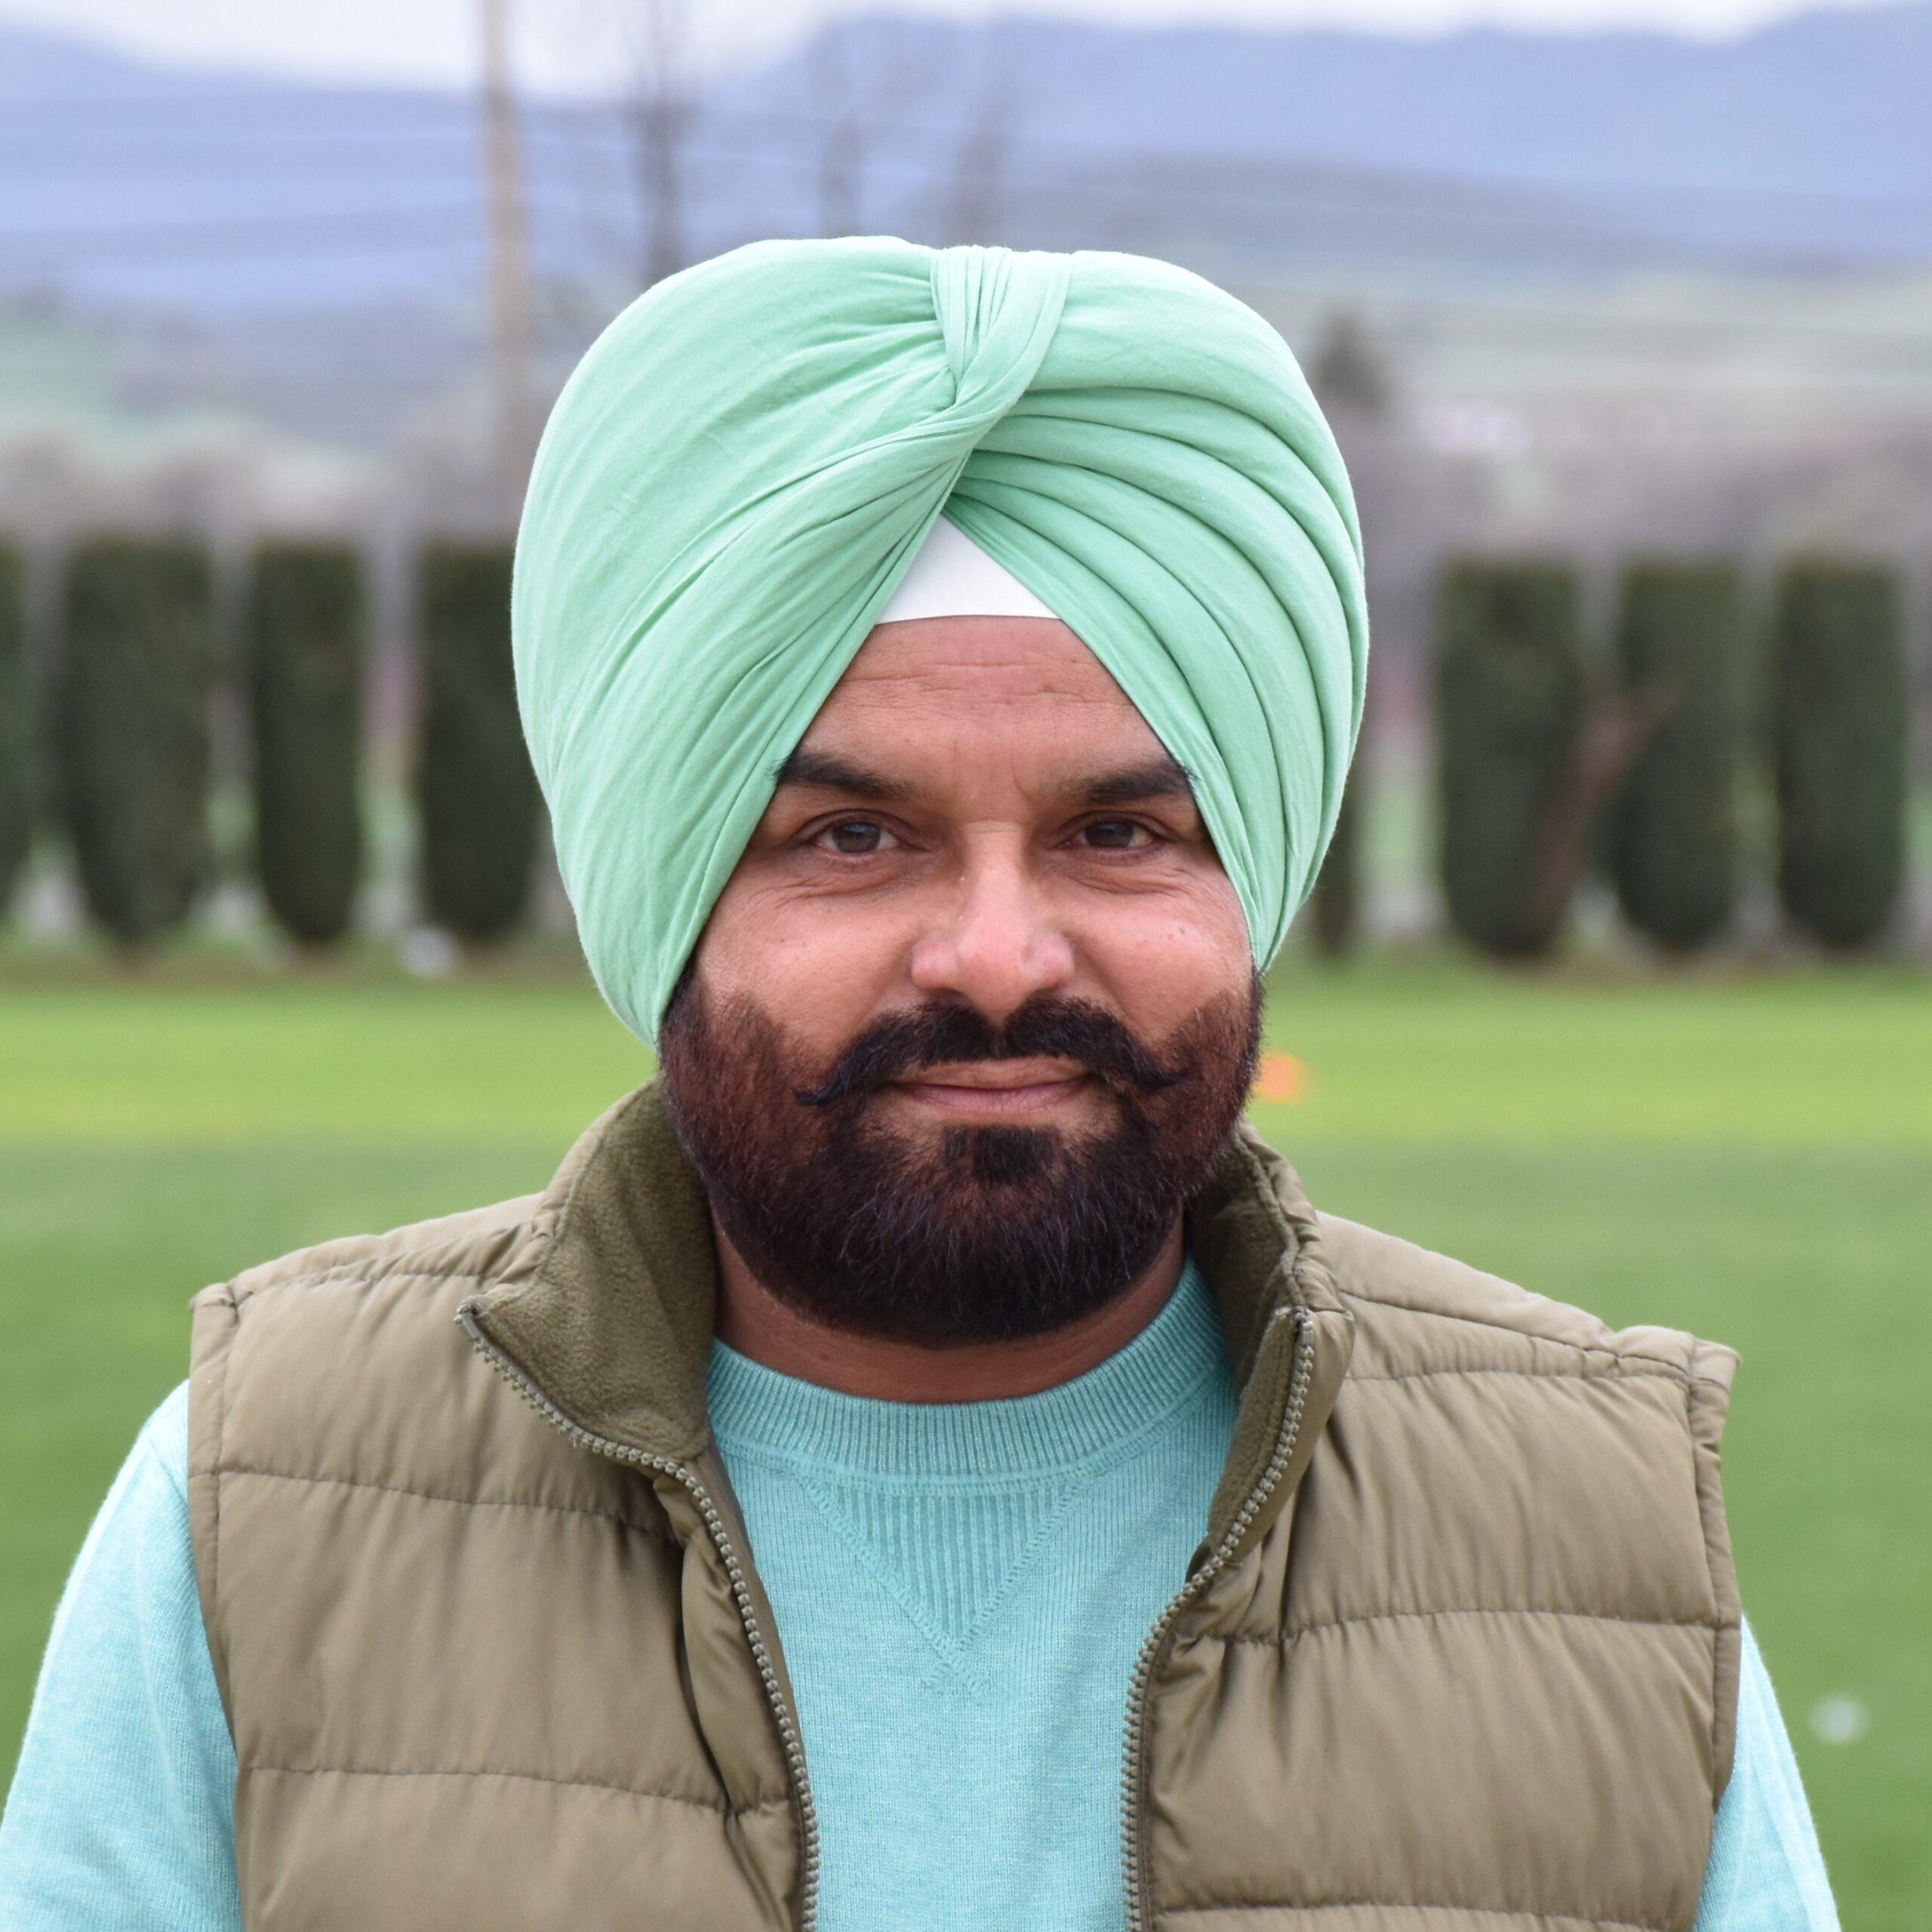 Harbhinder Singh Randhawa